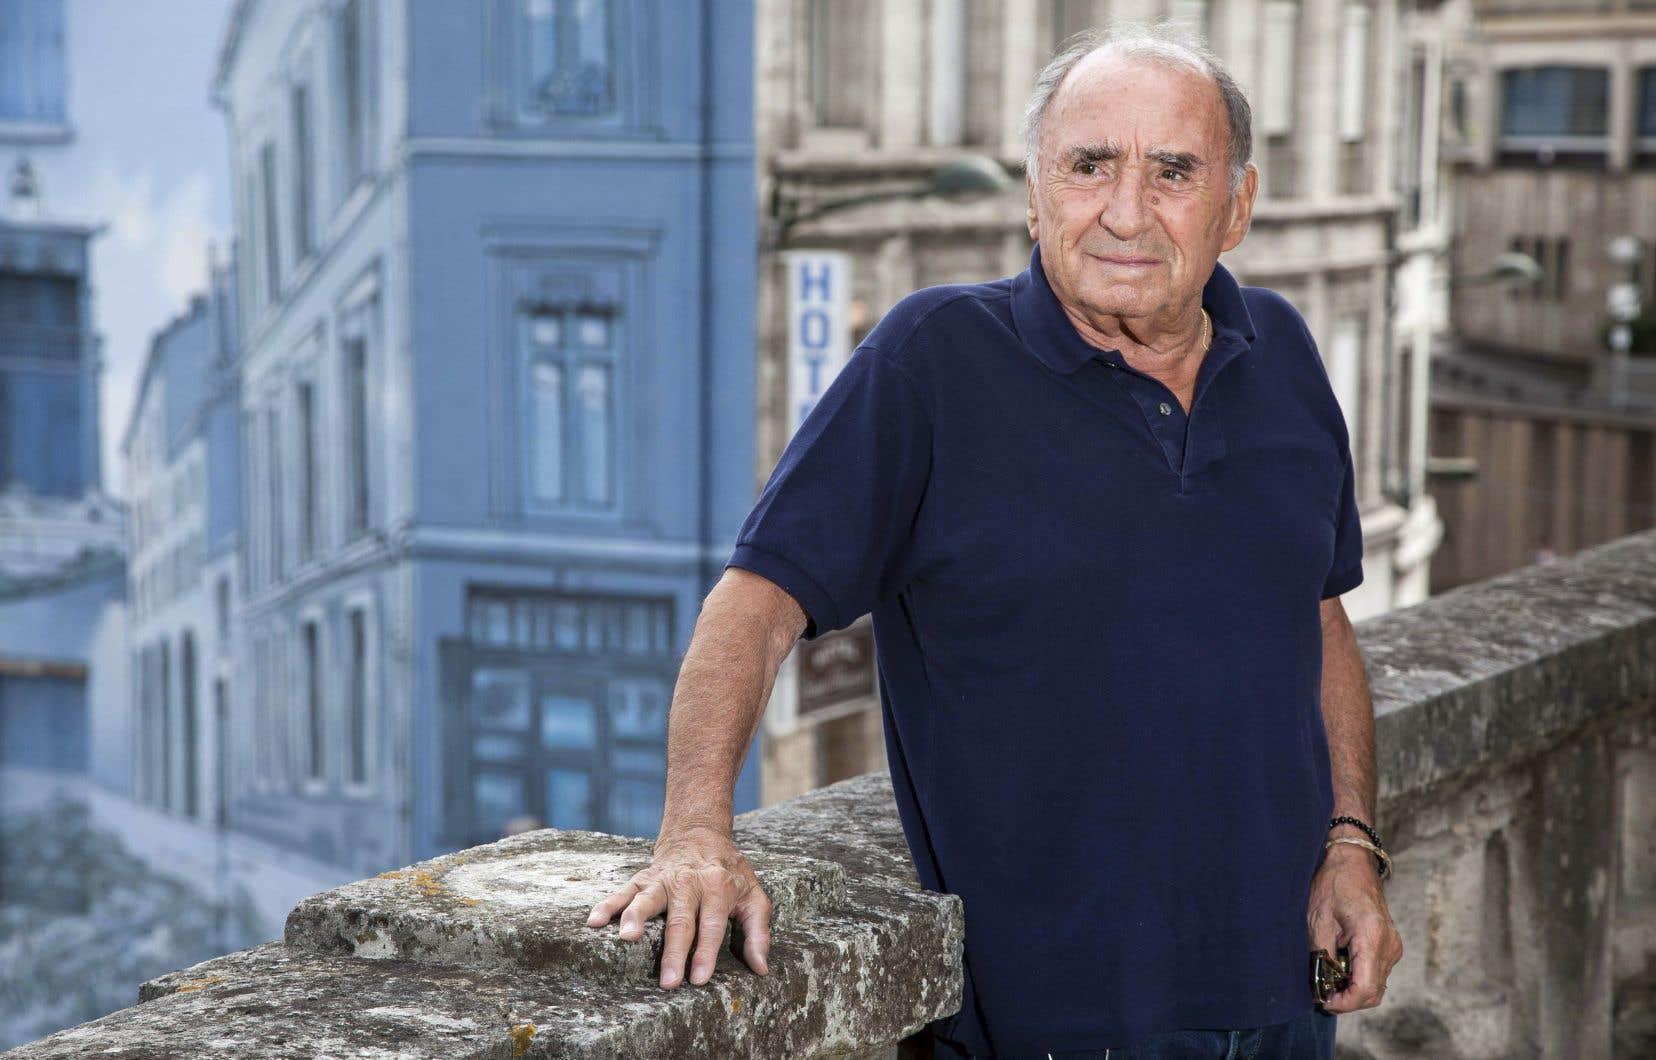 <p>Claude Brasseur a marqué l'écran avec des films à succès comme <i>Un éléphant ça trompe énormément</i>,<i> La Boum</i>,<i> Camping</i> et a tourné dans plus de 90 films.</p>